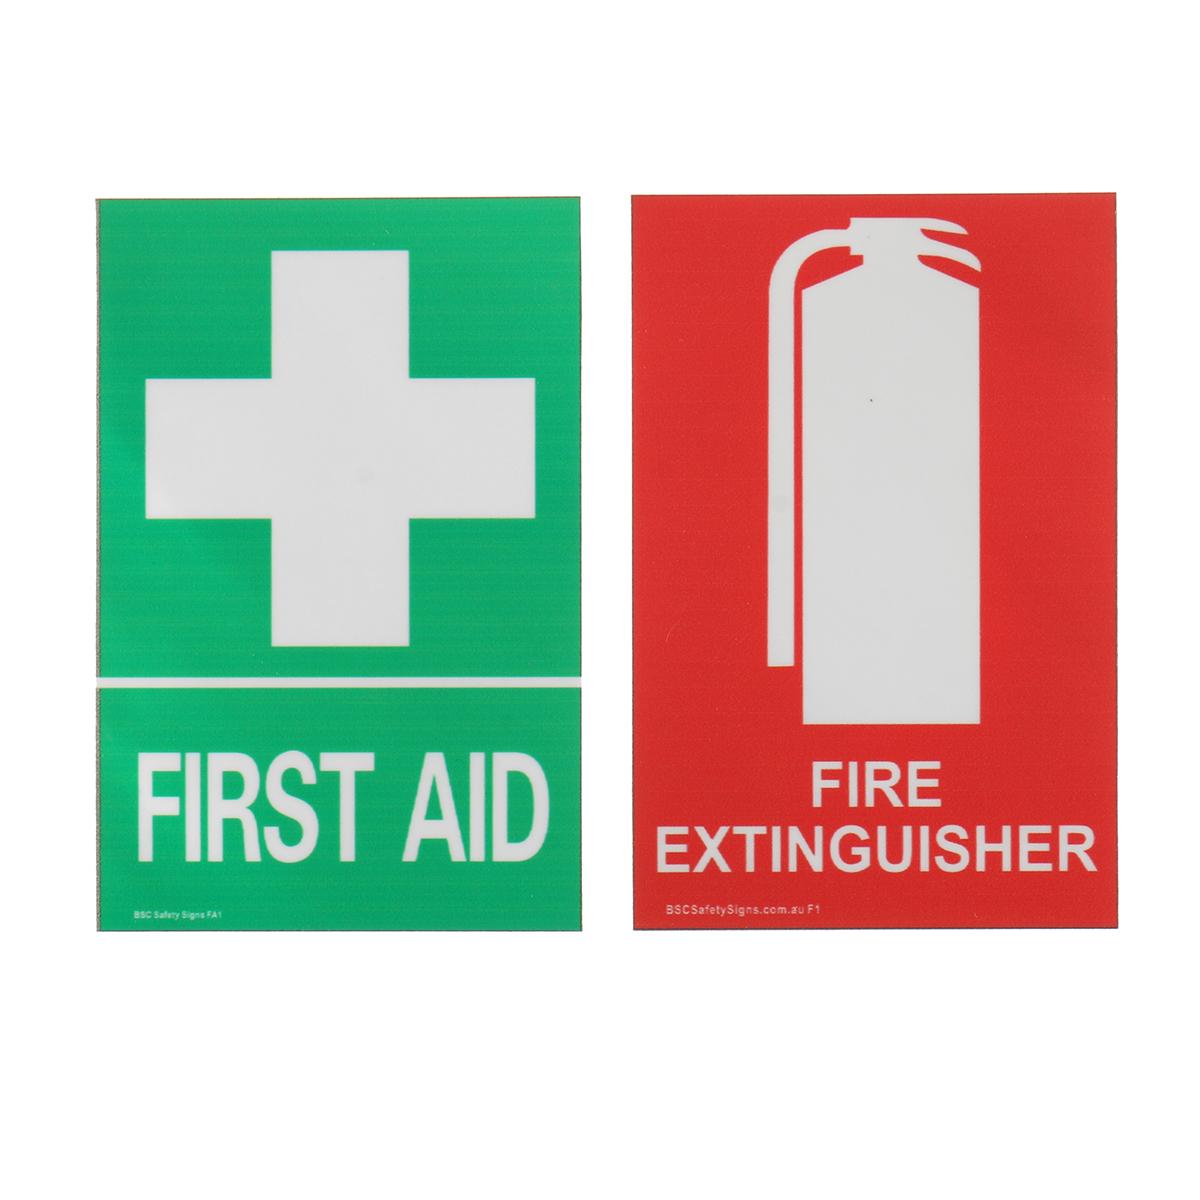 100x66mm Первая помощь огнетушитель ПВХ наклейка знак Decal Установить OHS WHS